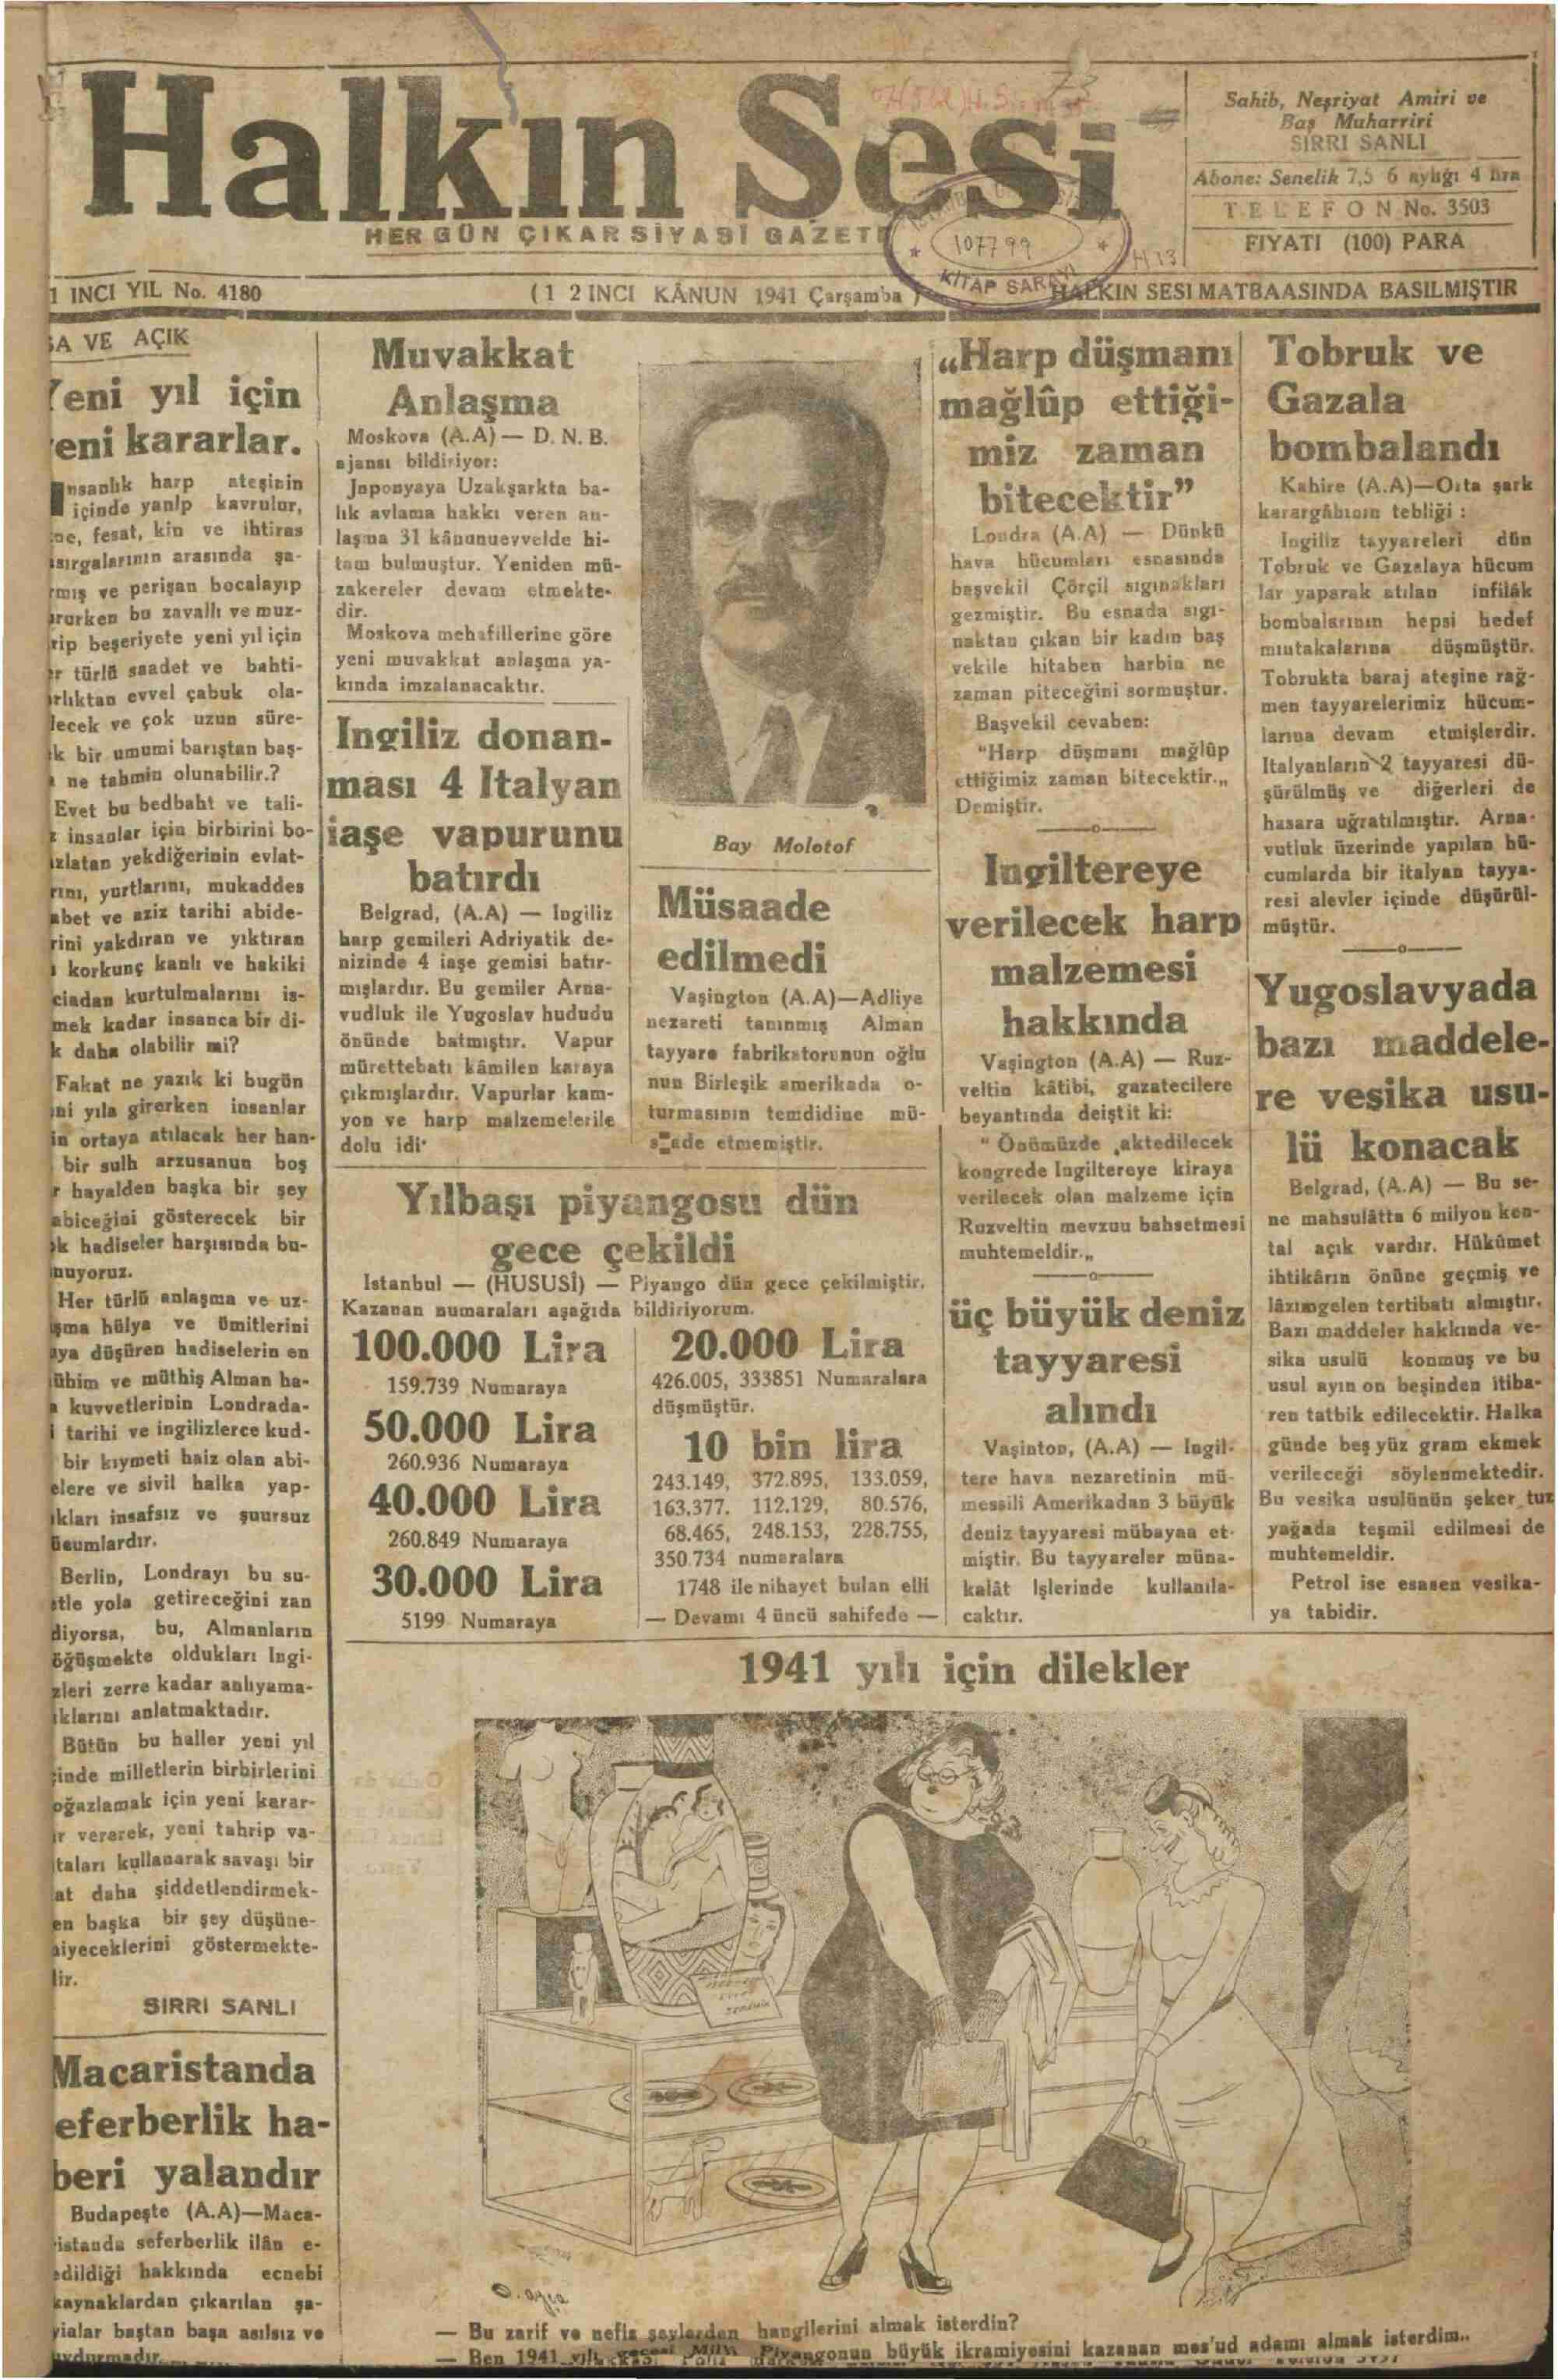 1 Ocak 1941 Tarihli Halkın Sesi Gazetesi Sayfa 1